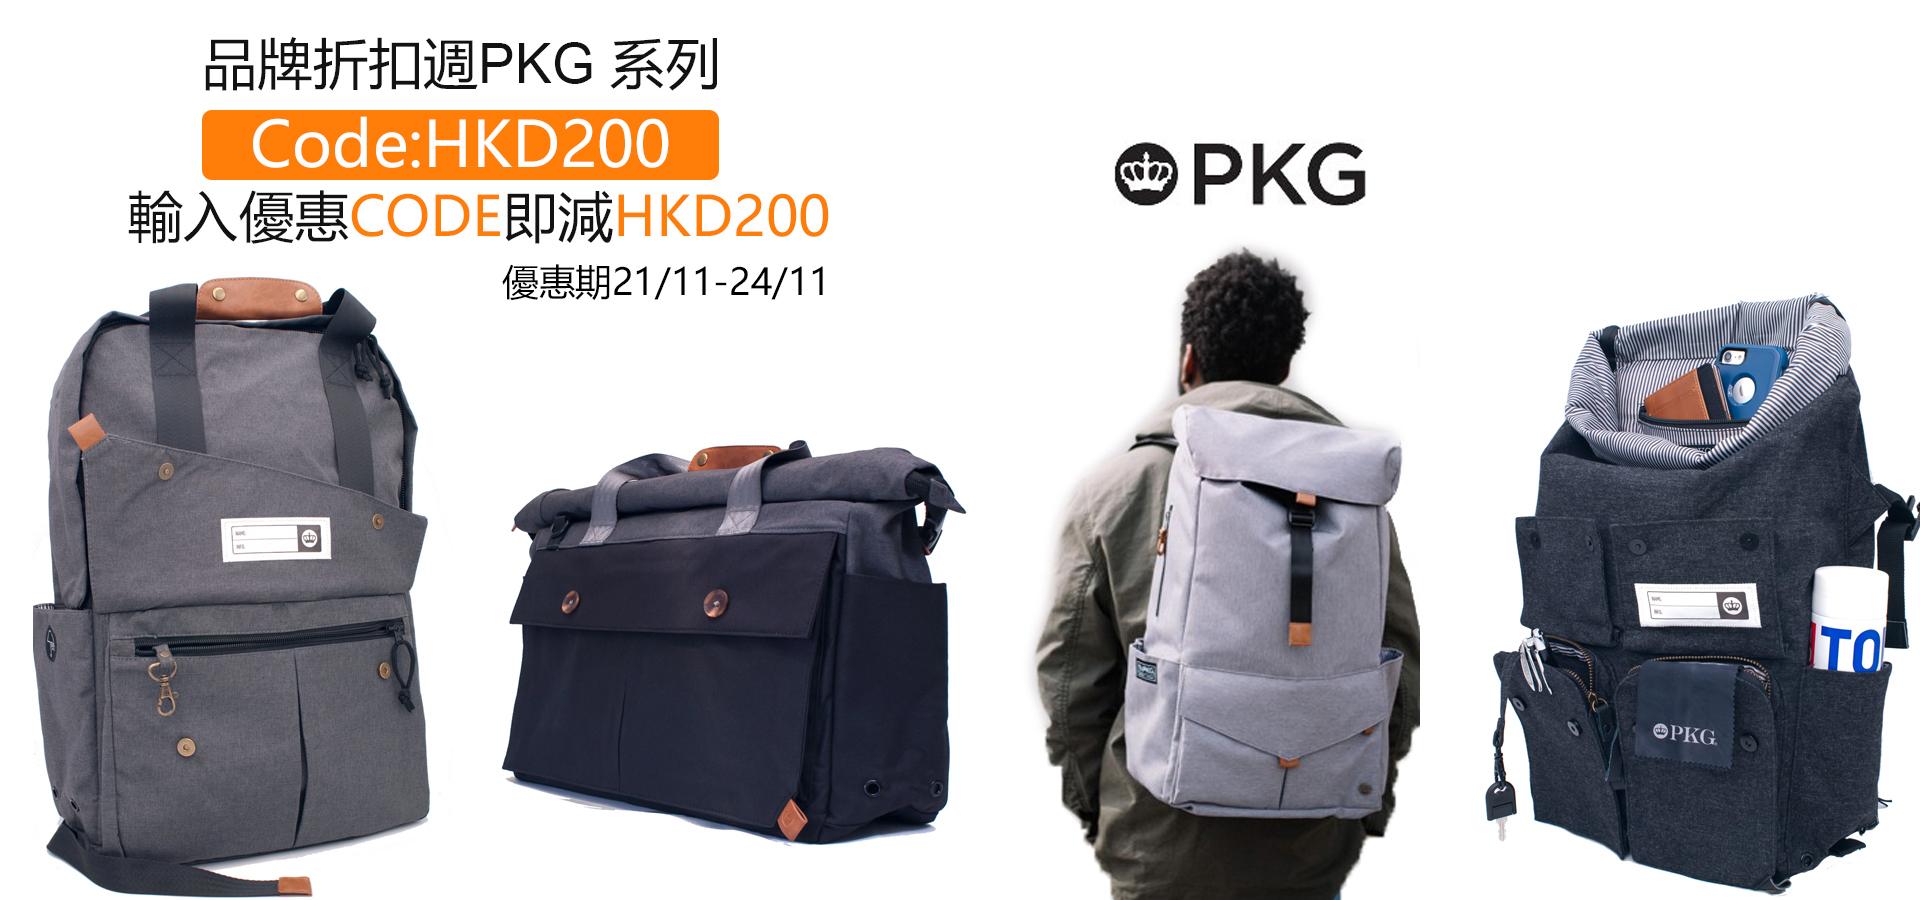 PKG背包